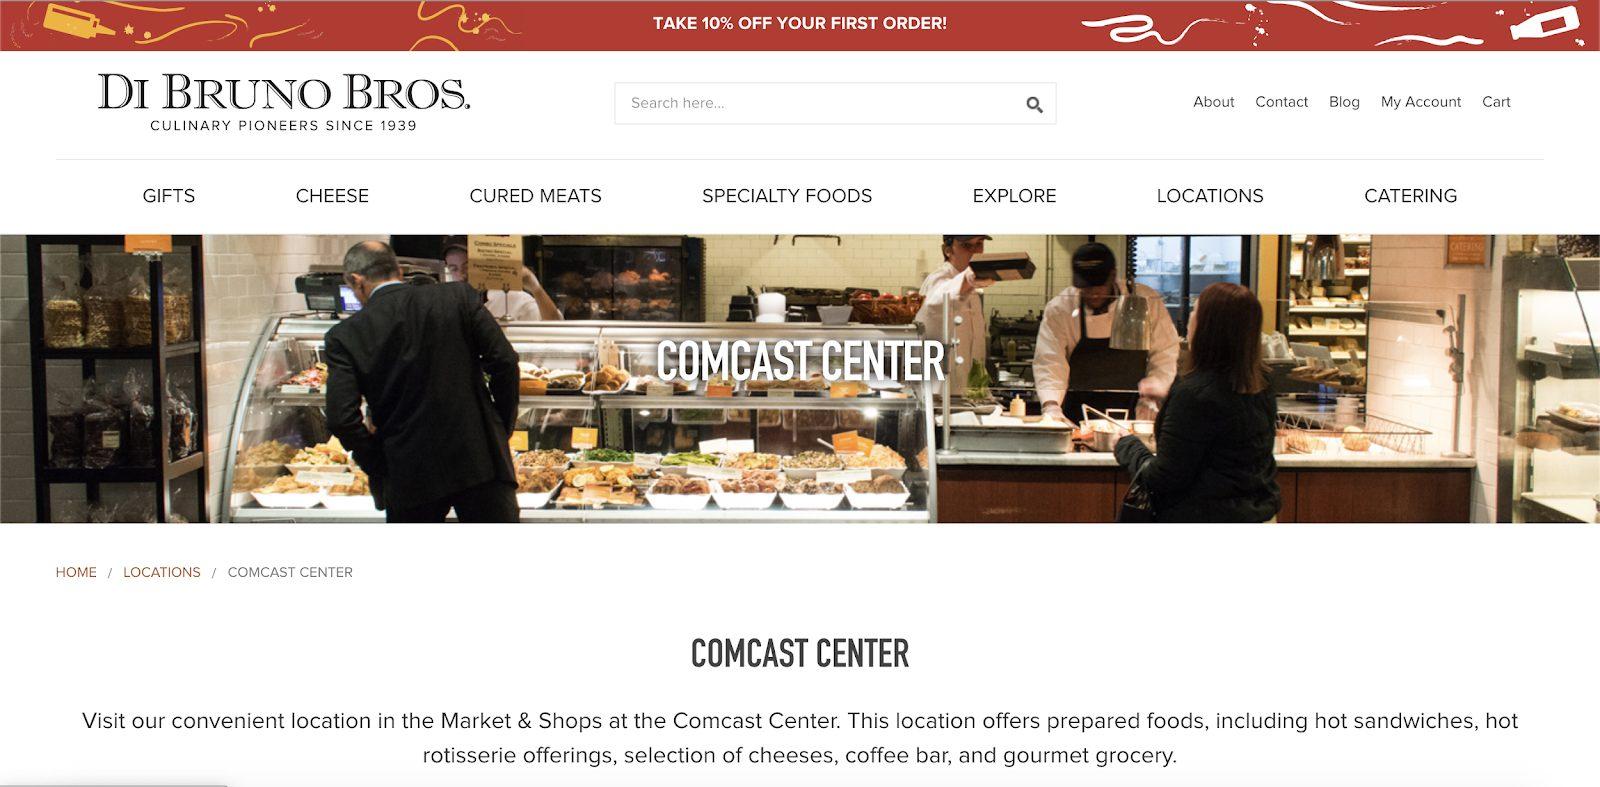 Di Bruno Bros.'s Comcast Center Landing Page